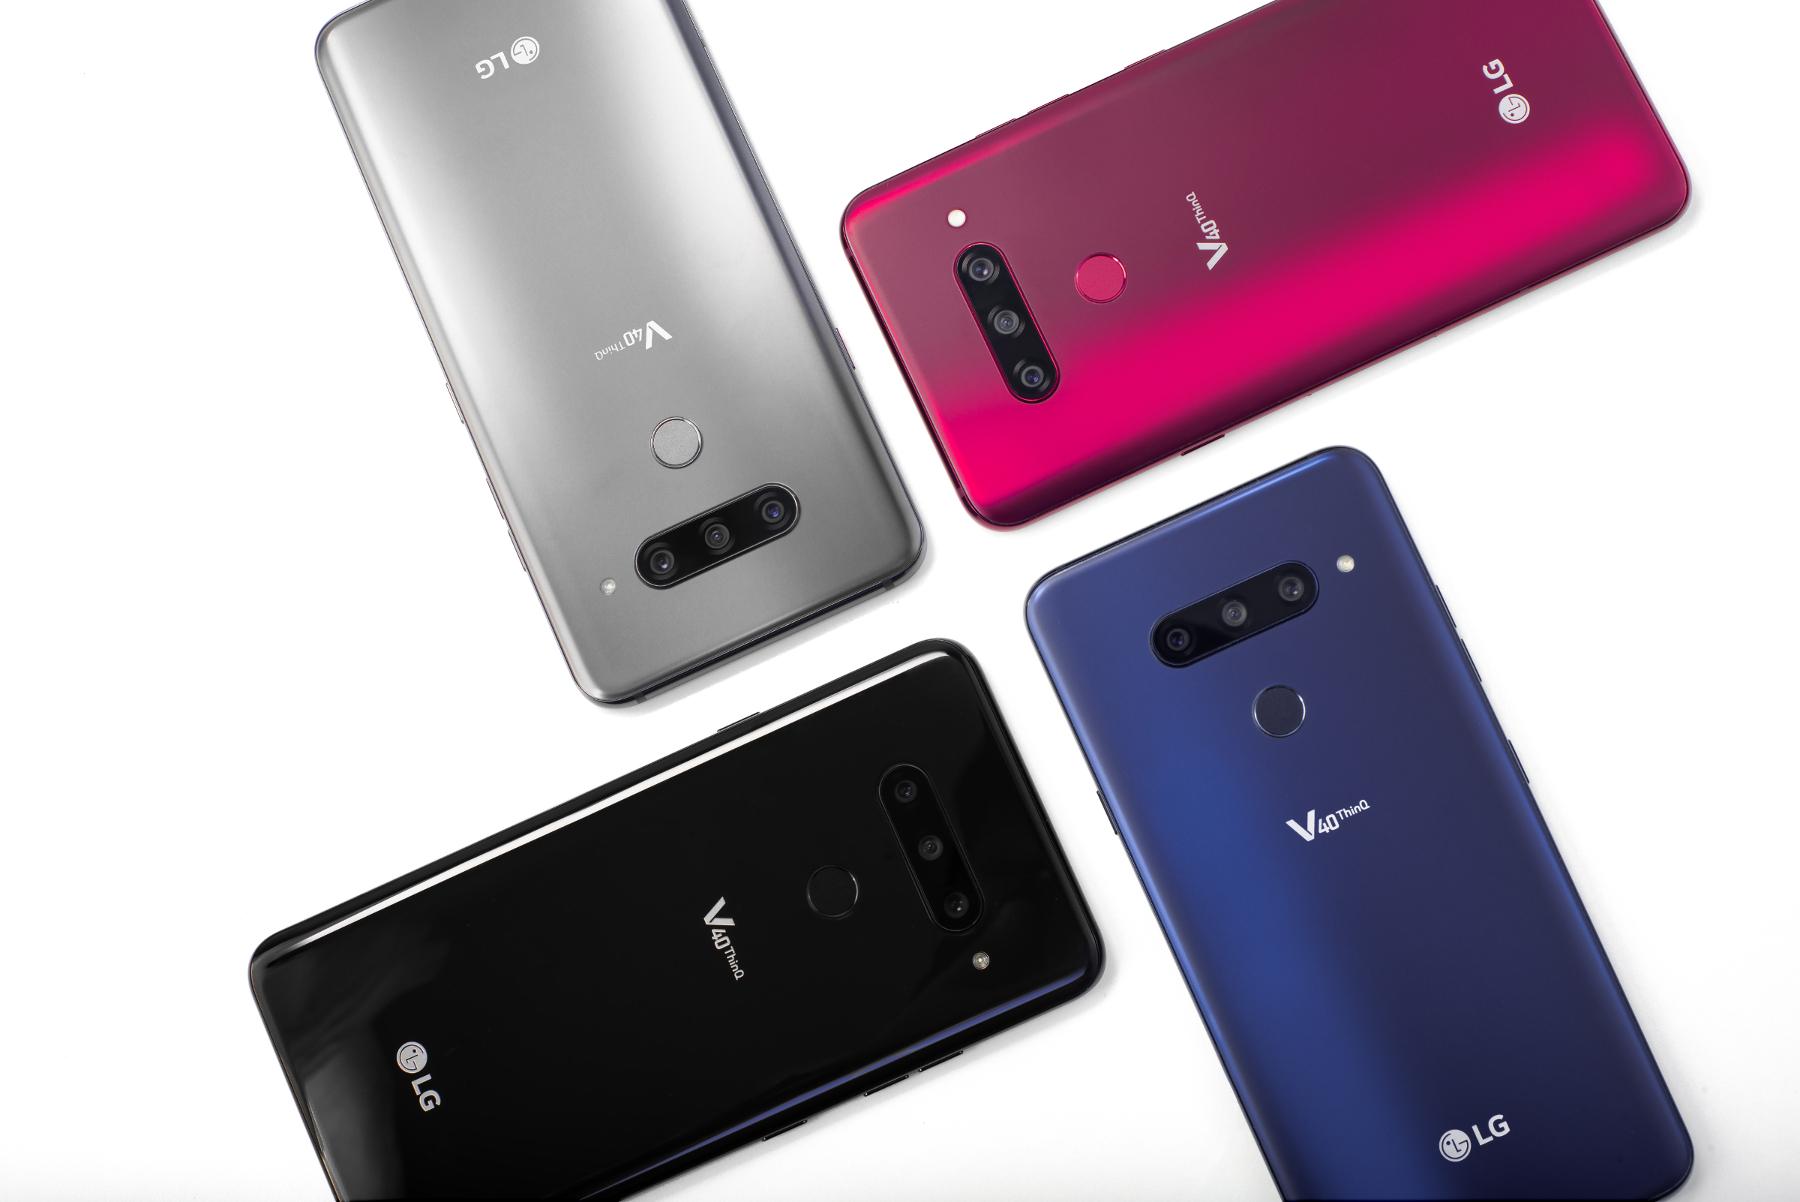 Las cinco cámaras del LG V40 ThinQ son las más útiles para el usuario medio